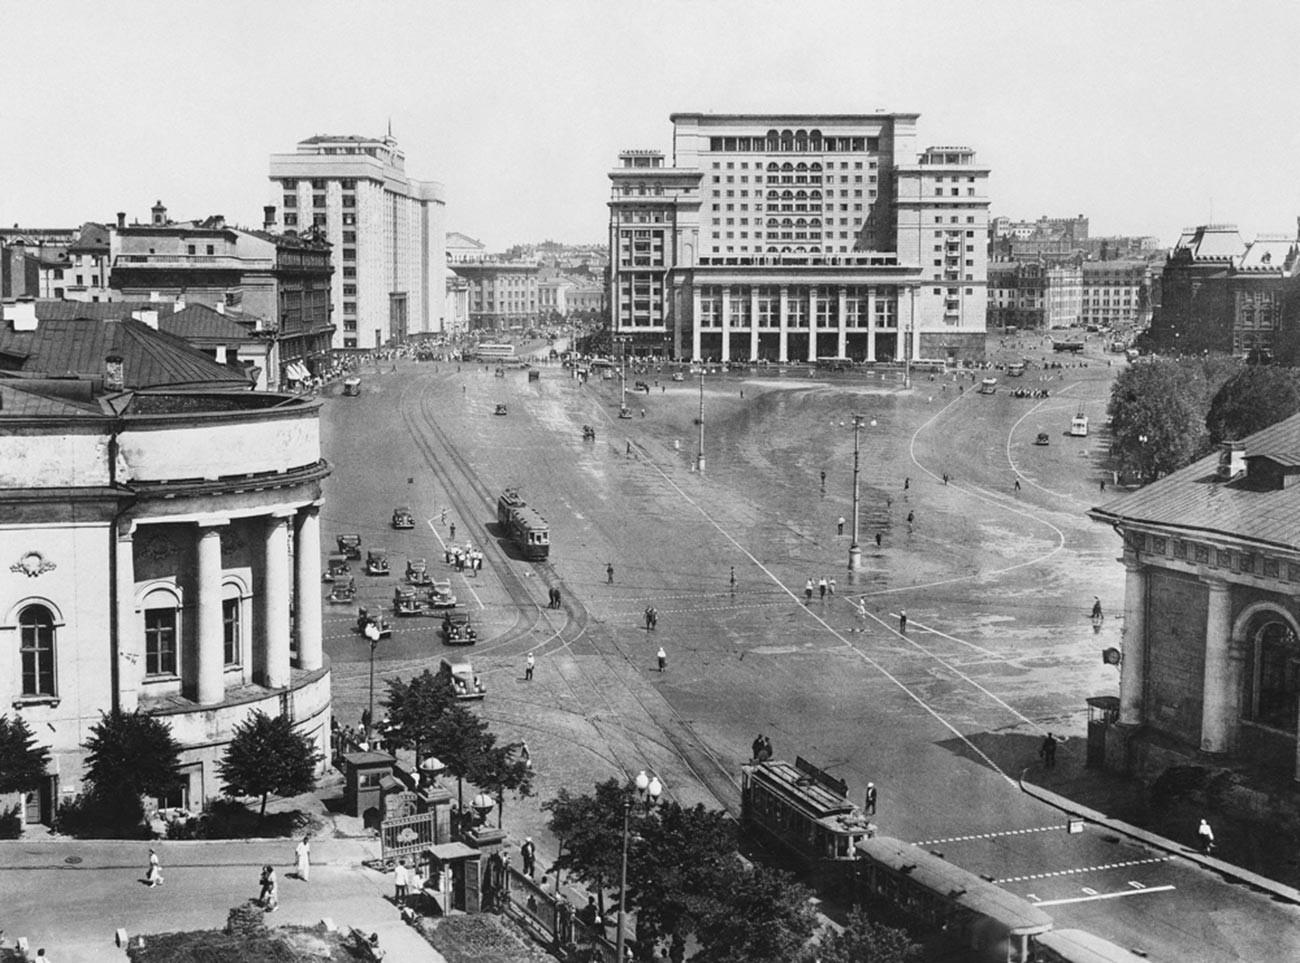 Maneschnaja-Platz mit Blick auf das Hotel Moskwa, 1930er Jahre